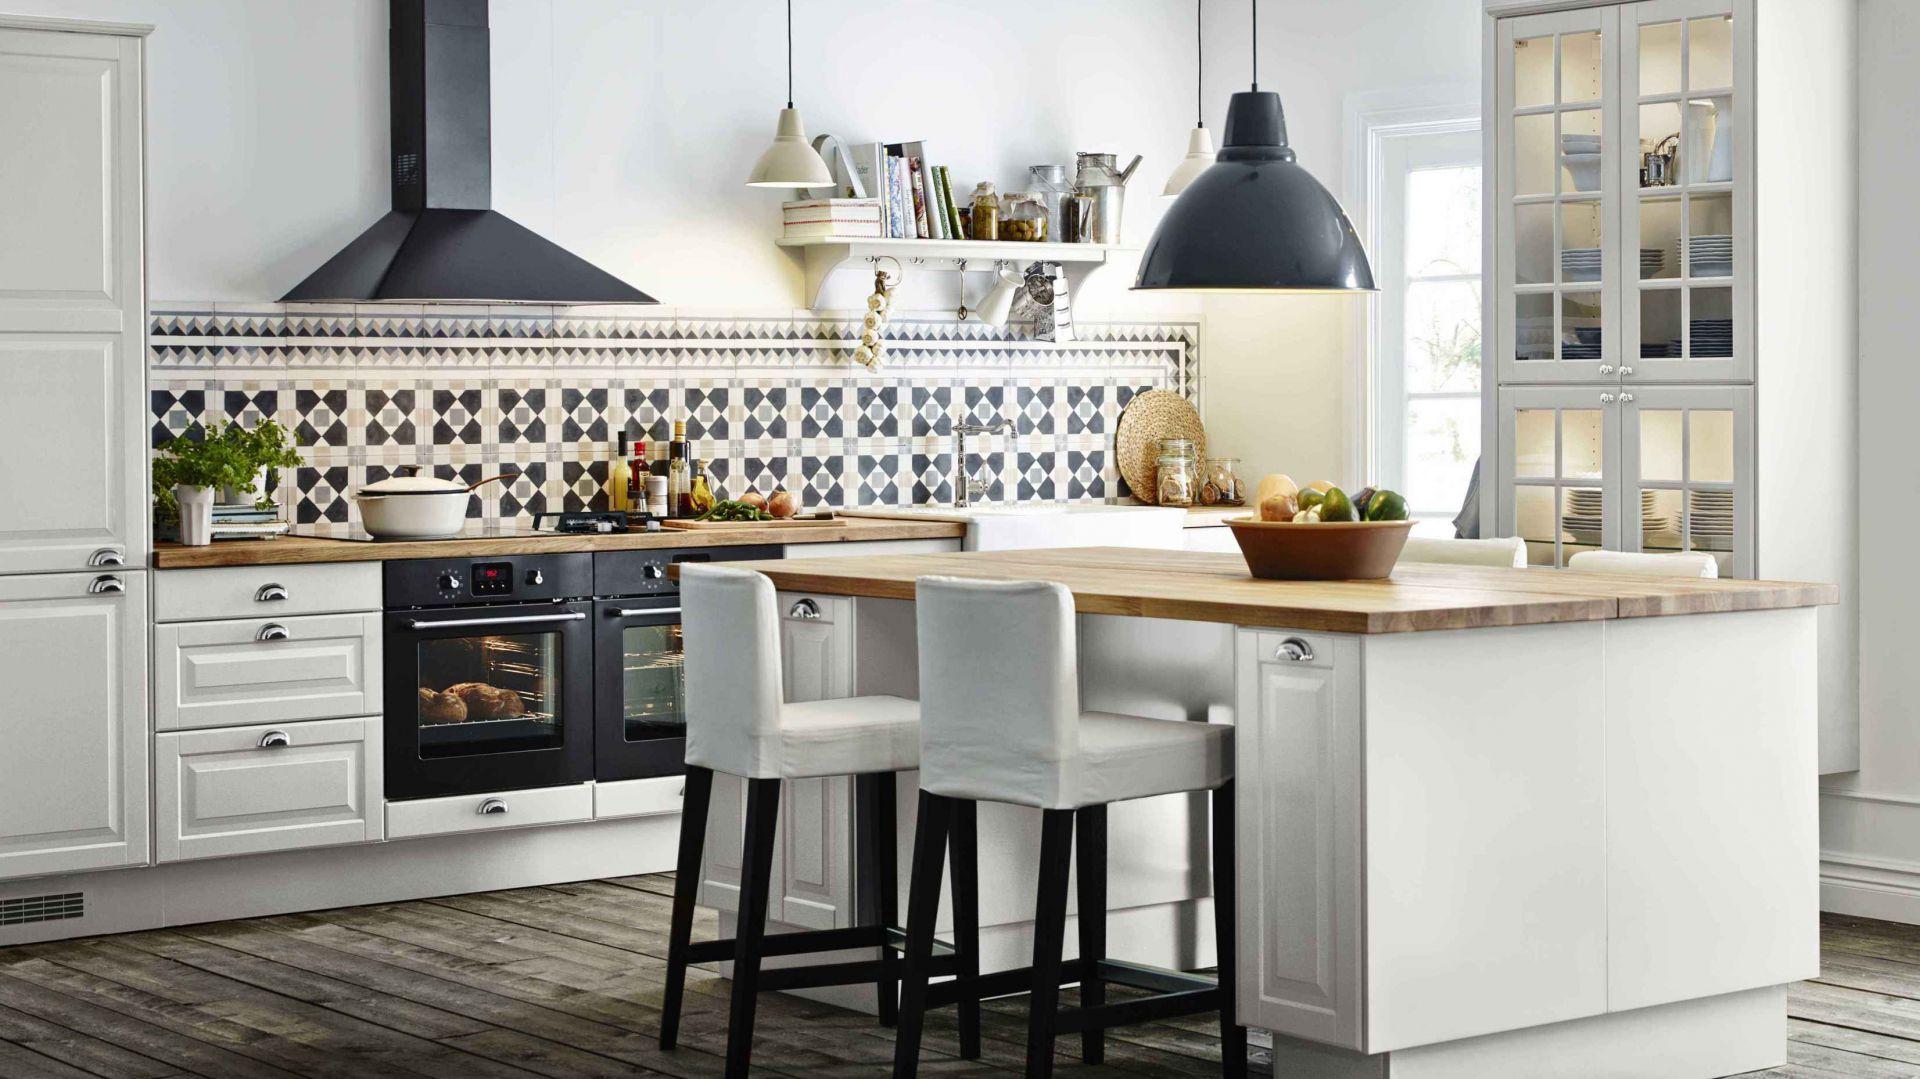 W tej kuchni lampy wiszące: nad wyspą oraz blatem roboczym pełnią zarówno funkcję praktyczną, jak i dekoracyjną. Wybrano je z tej samej linii wzorniczej, różni je jedynie kolor i wielkość. Fot. IKEA.